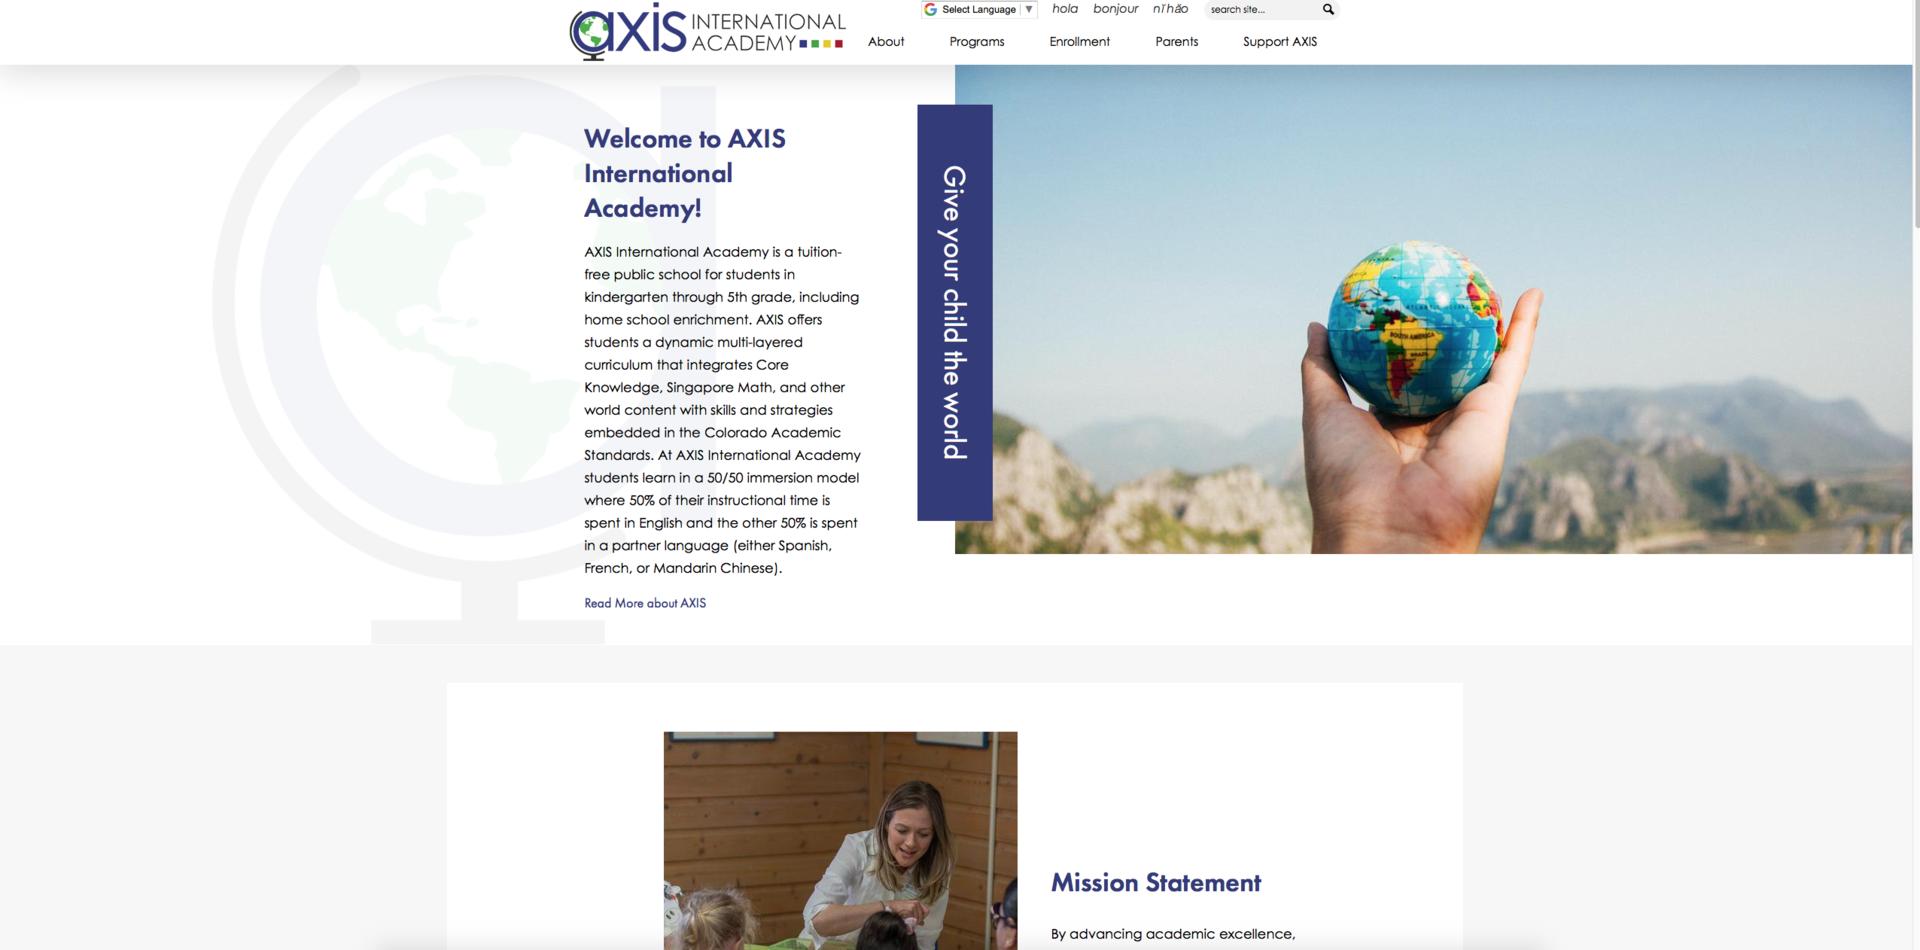 AXIS Academy